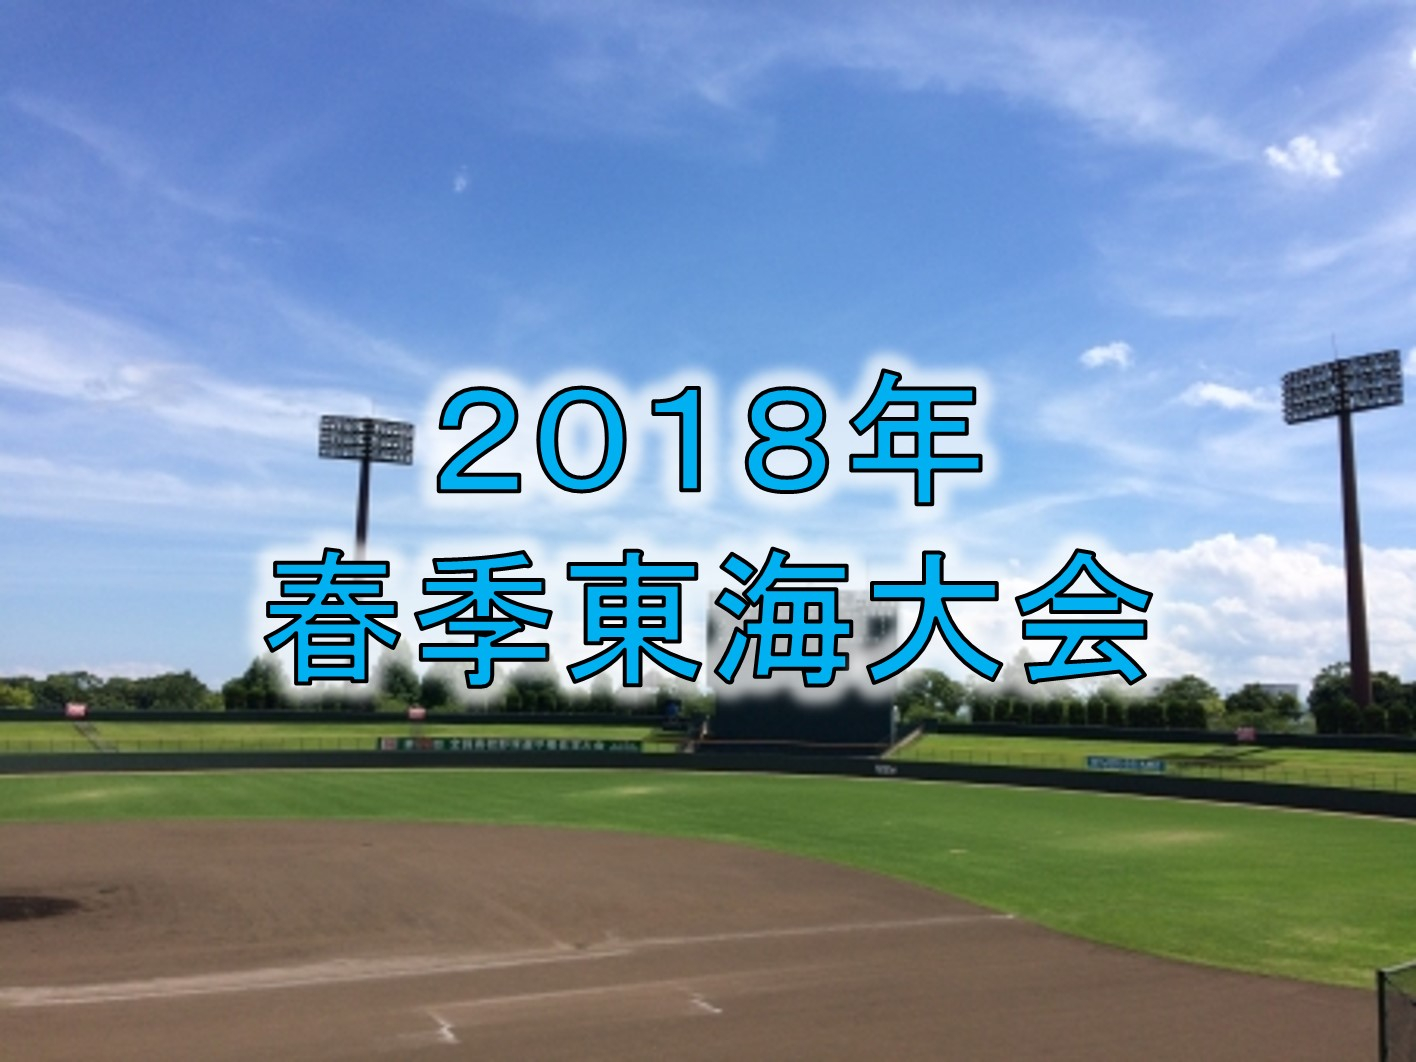 春季東海地区高校野球大会県予選本戦2018 結果速 …